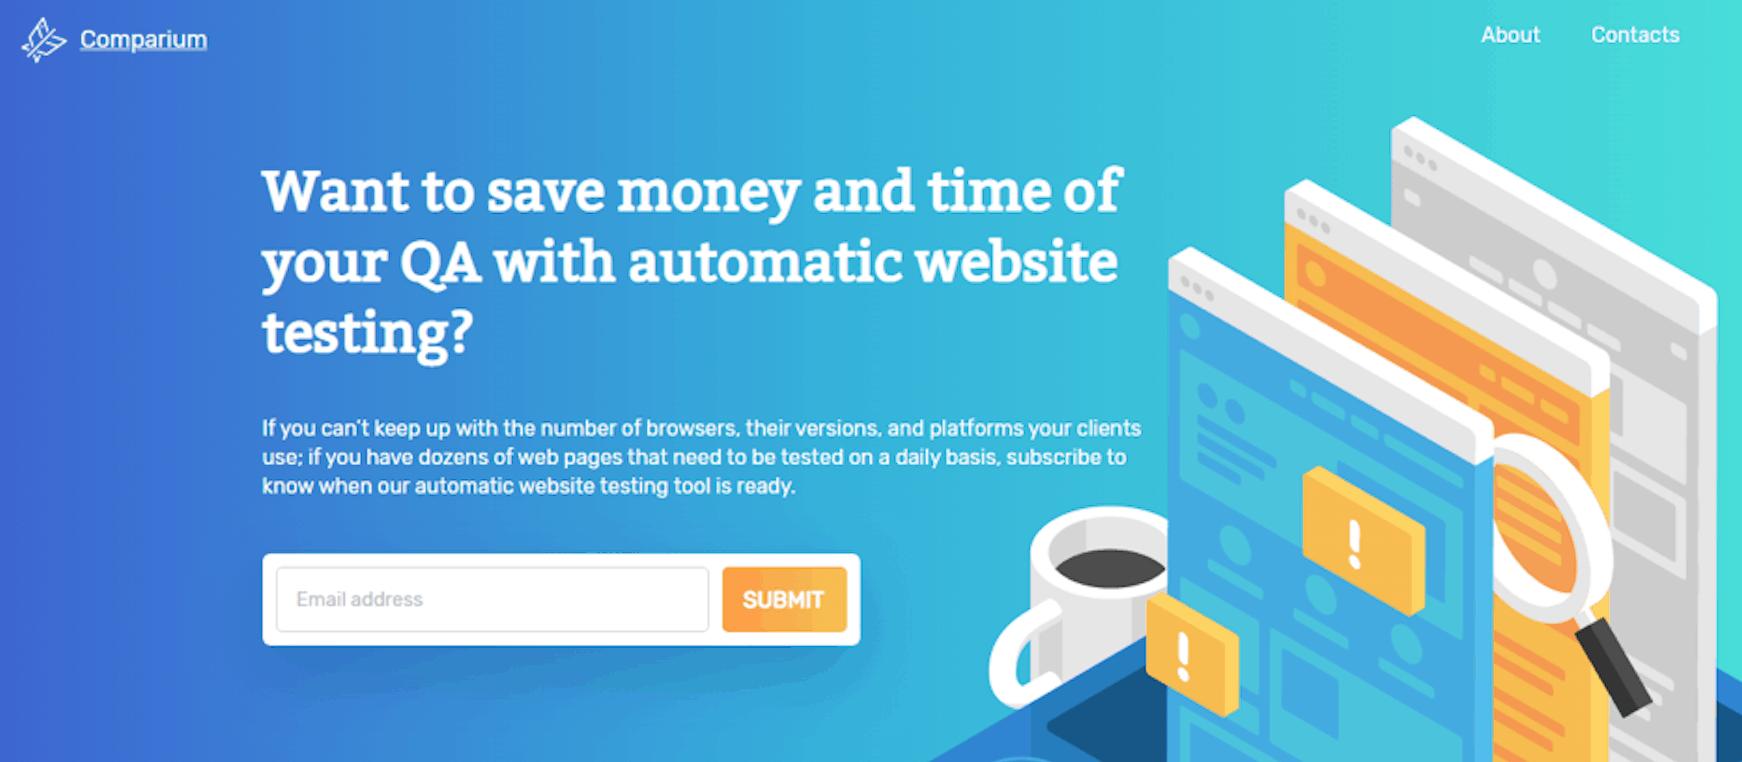 Comparium: Automatic Website Testing Tool